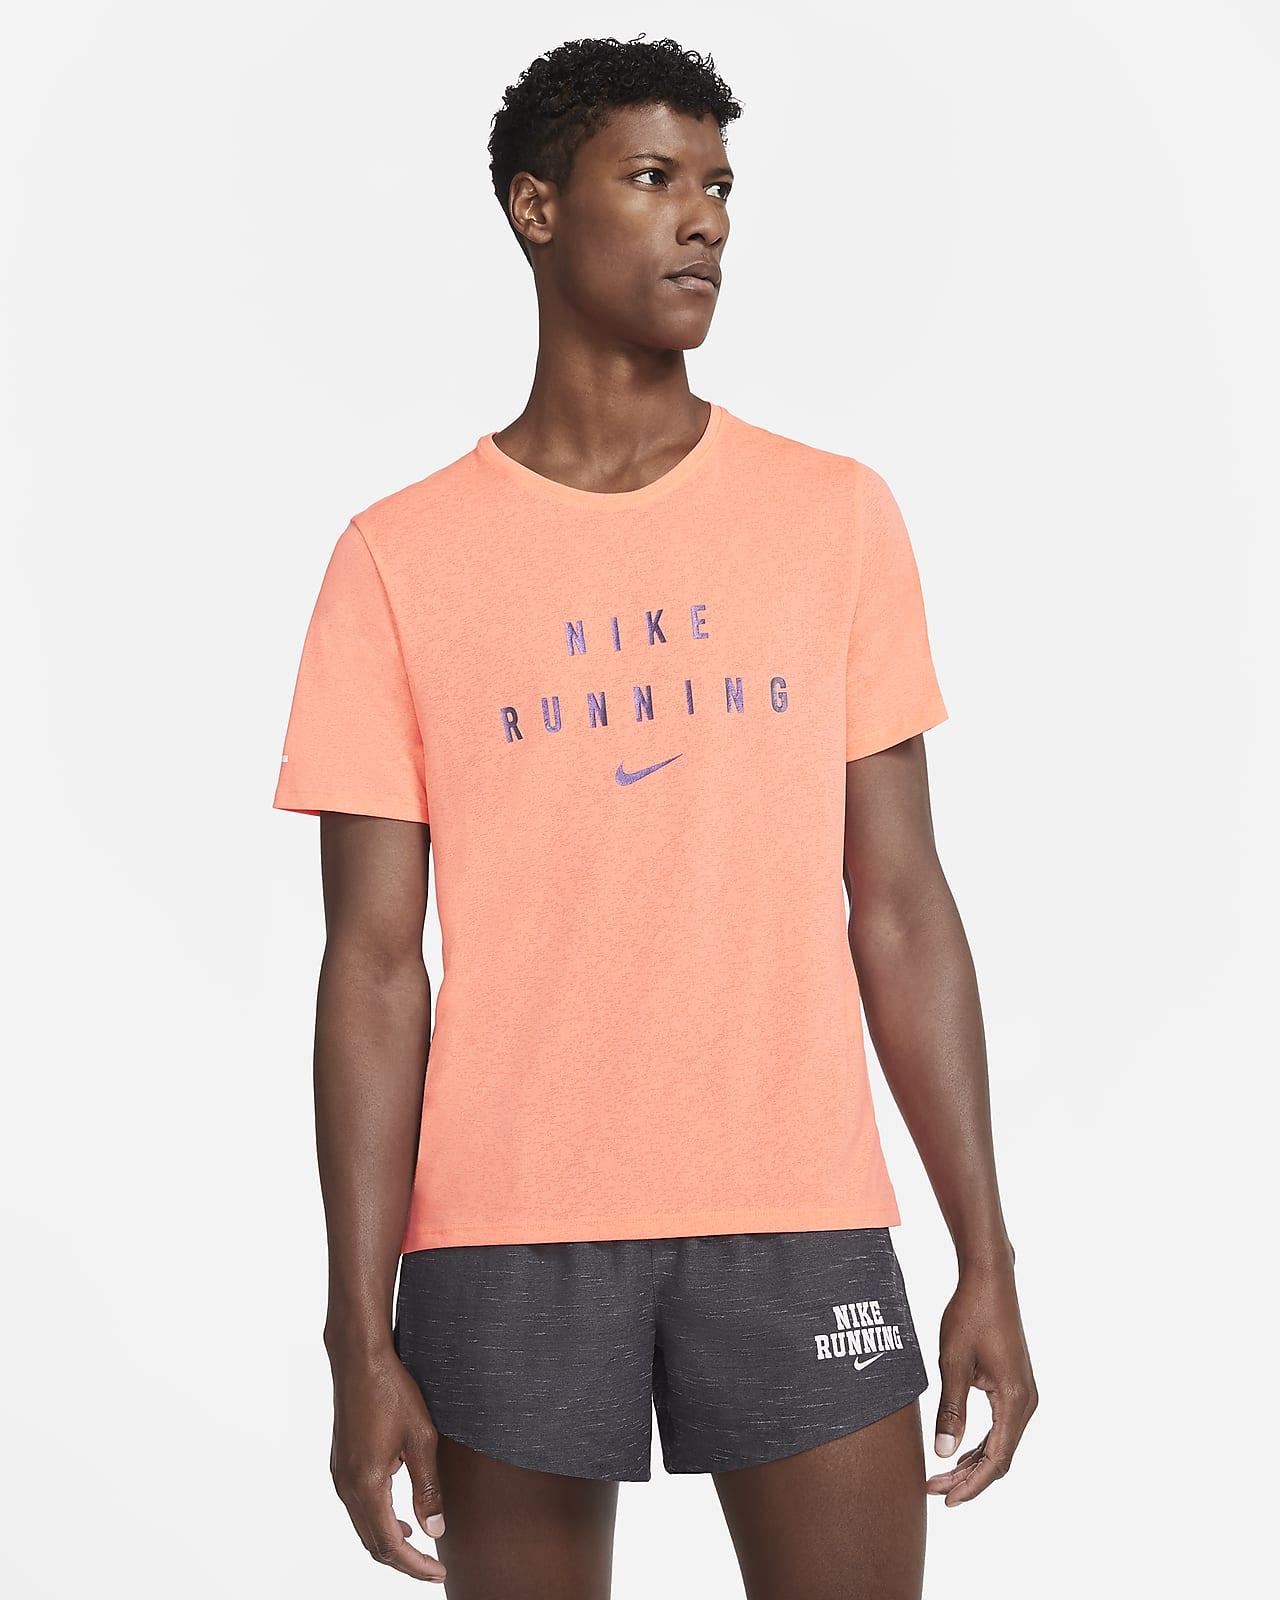 Nike Dri-FIT Miler Run Division Men's Running Top